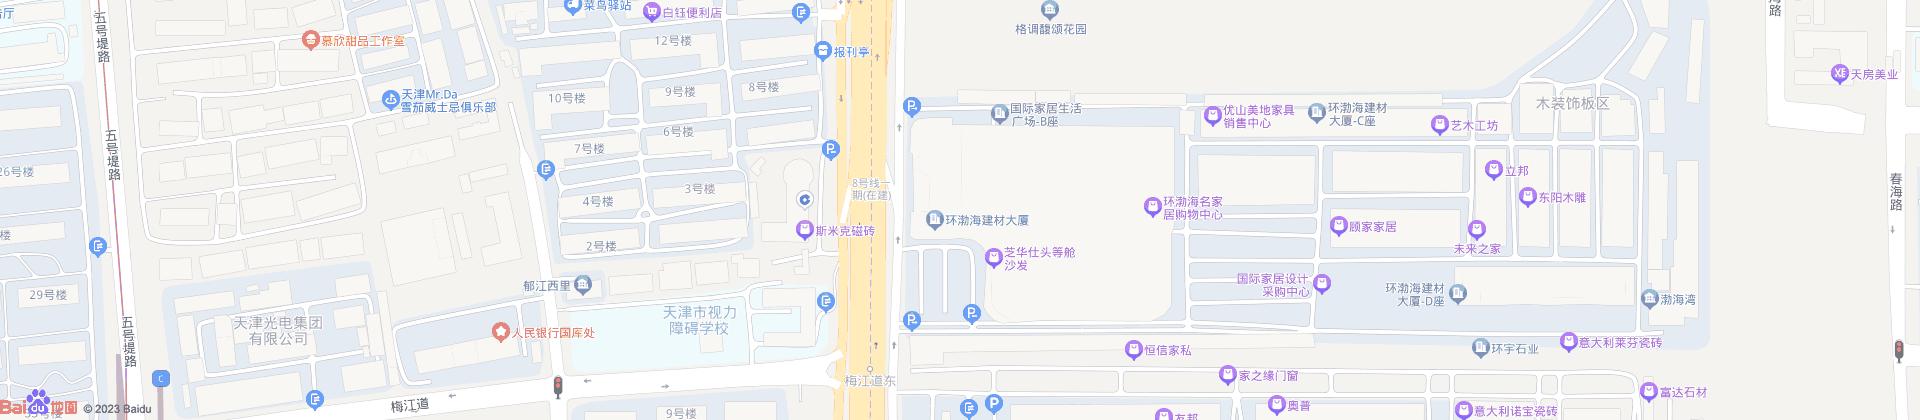 天津市欧亿窗饰销售有限公司